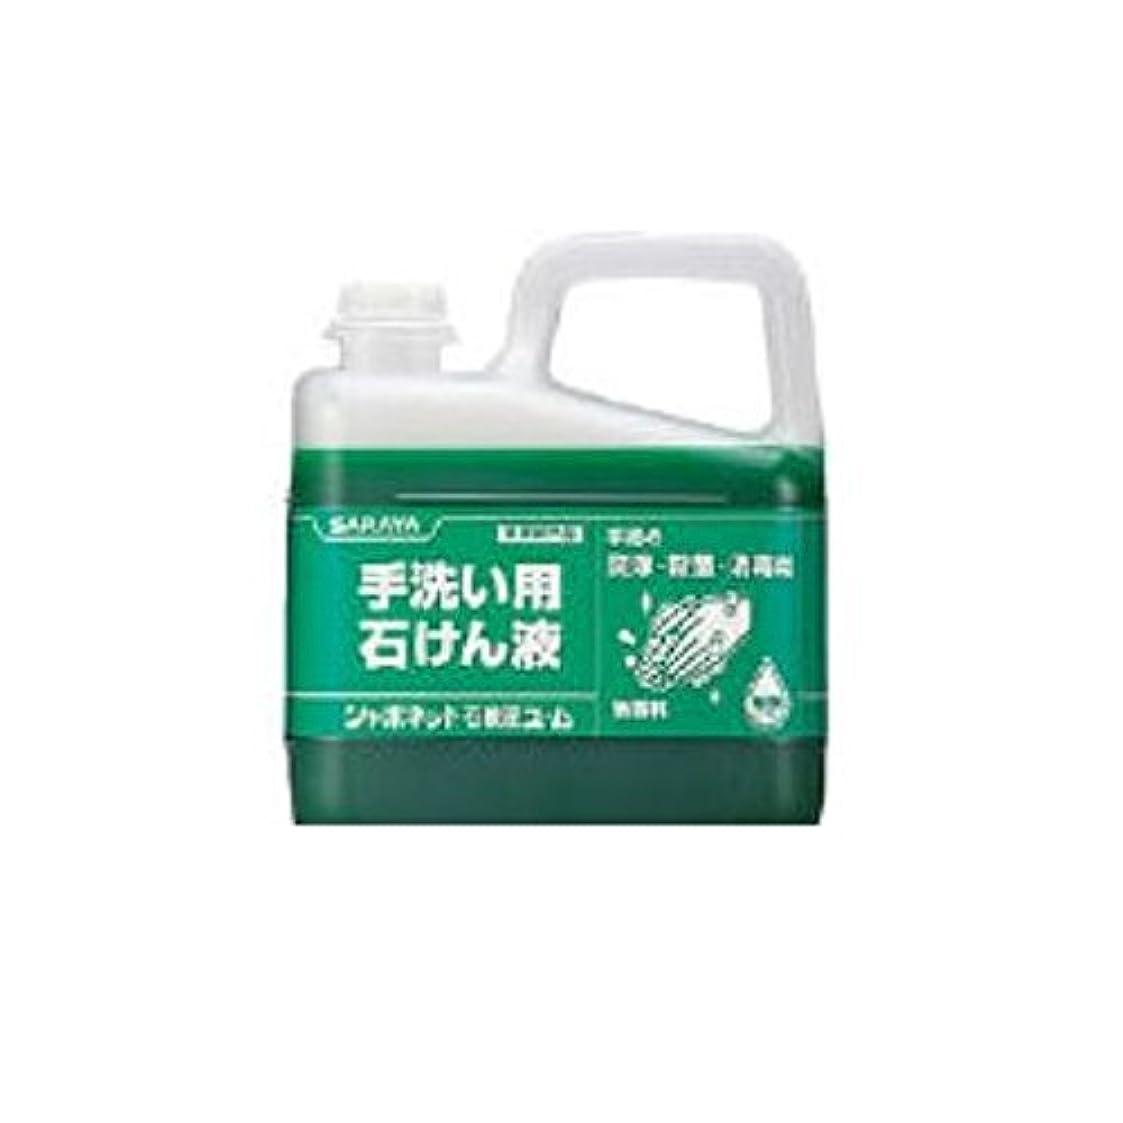 地味なセンブランス優先権FU50524 ハンドソープ シャボネット石鹸液ユ?ム 5kg